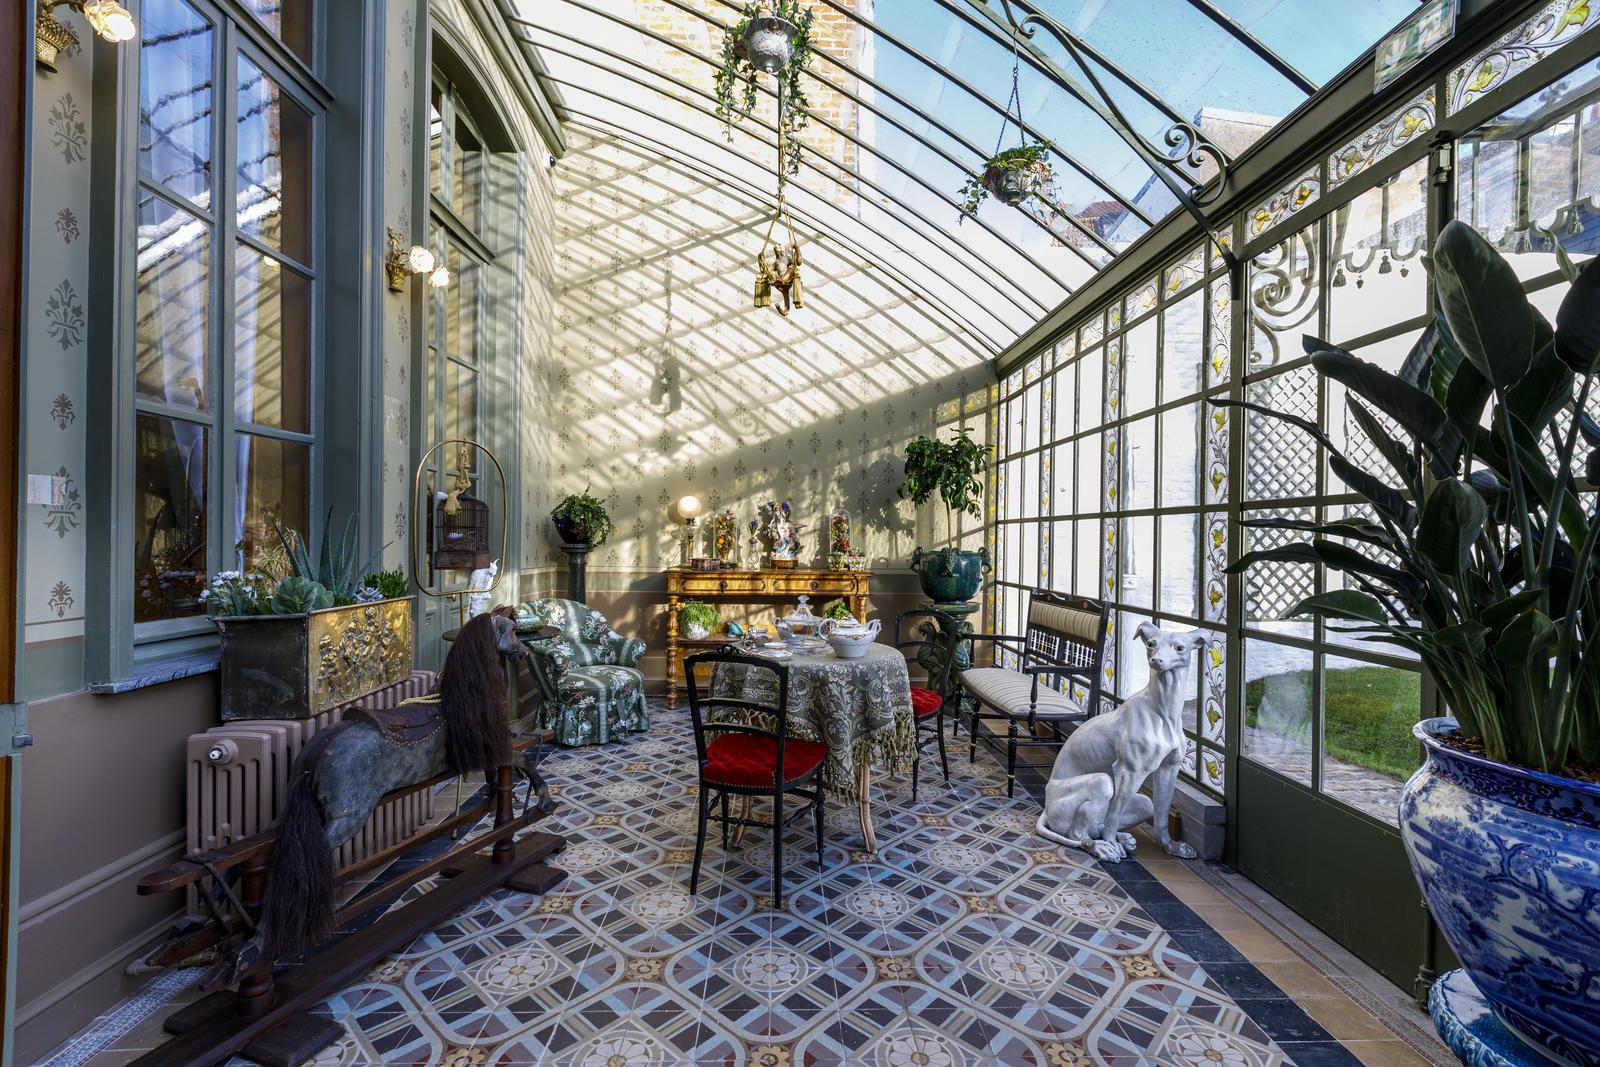 Le jardin d'hiver rénové de la Maison natale Charles de Gaulle à Lille